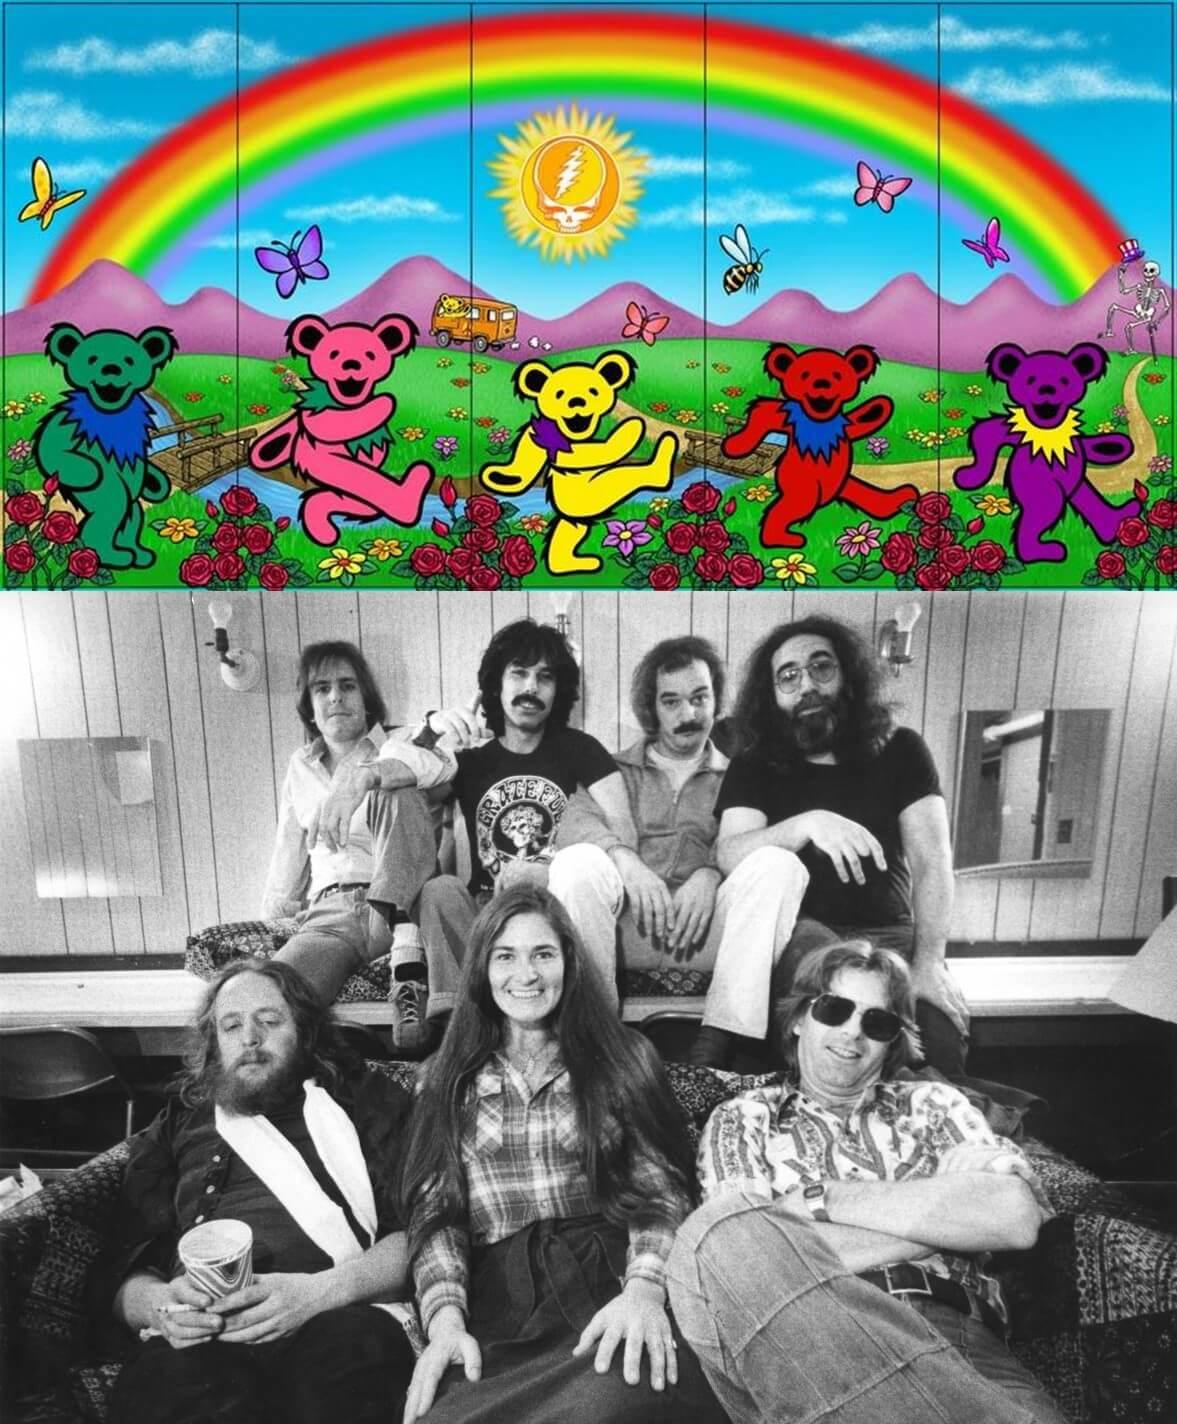 Les Grateful Dead, groupe mythique de cette époque